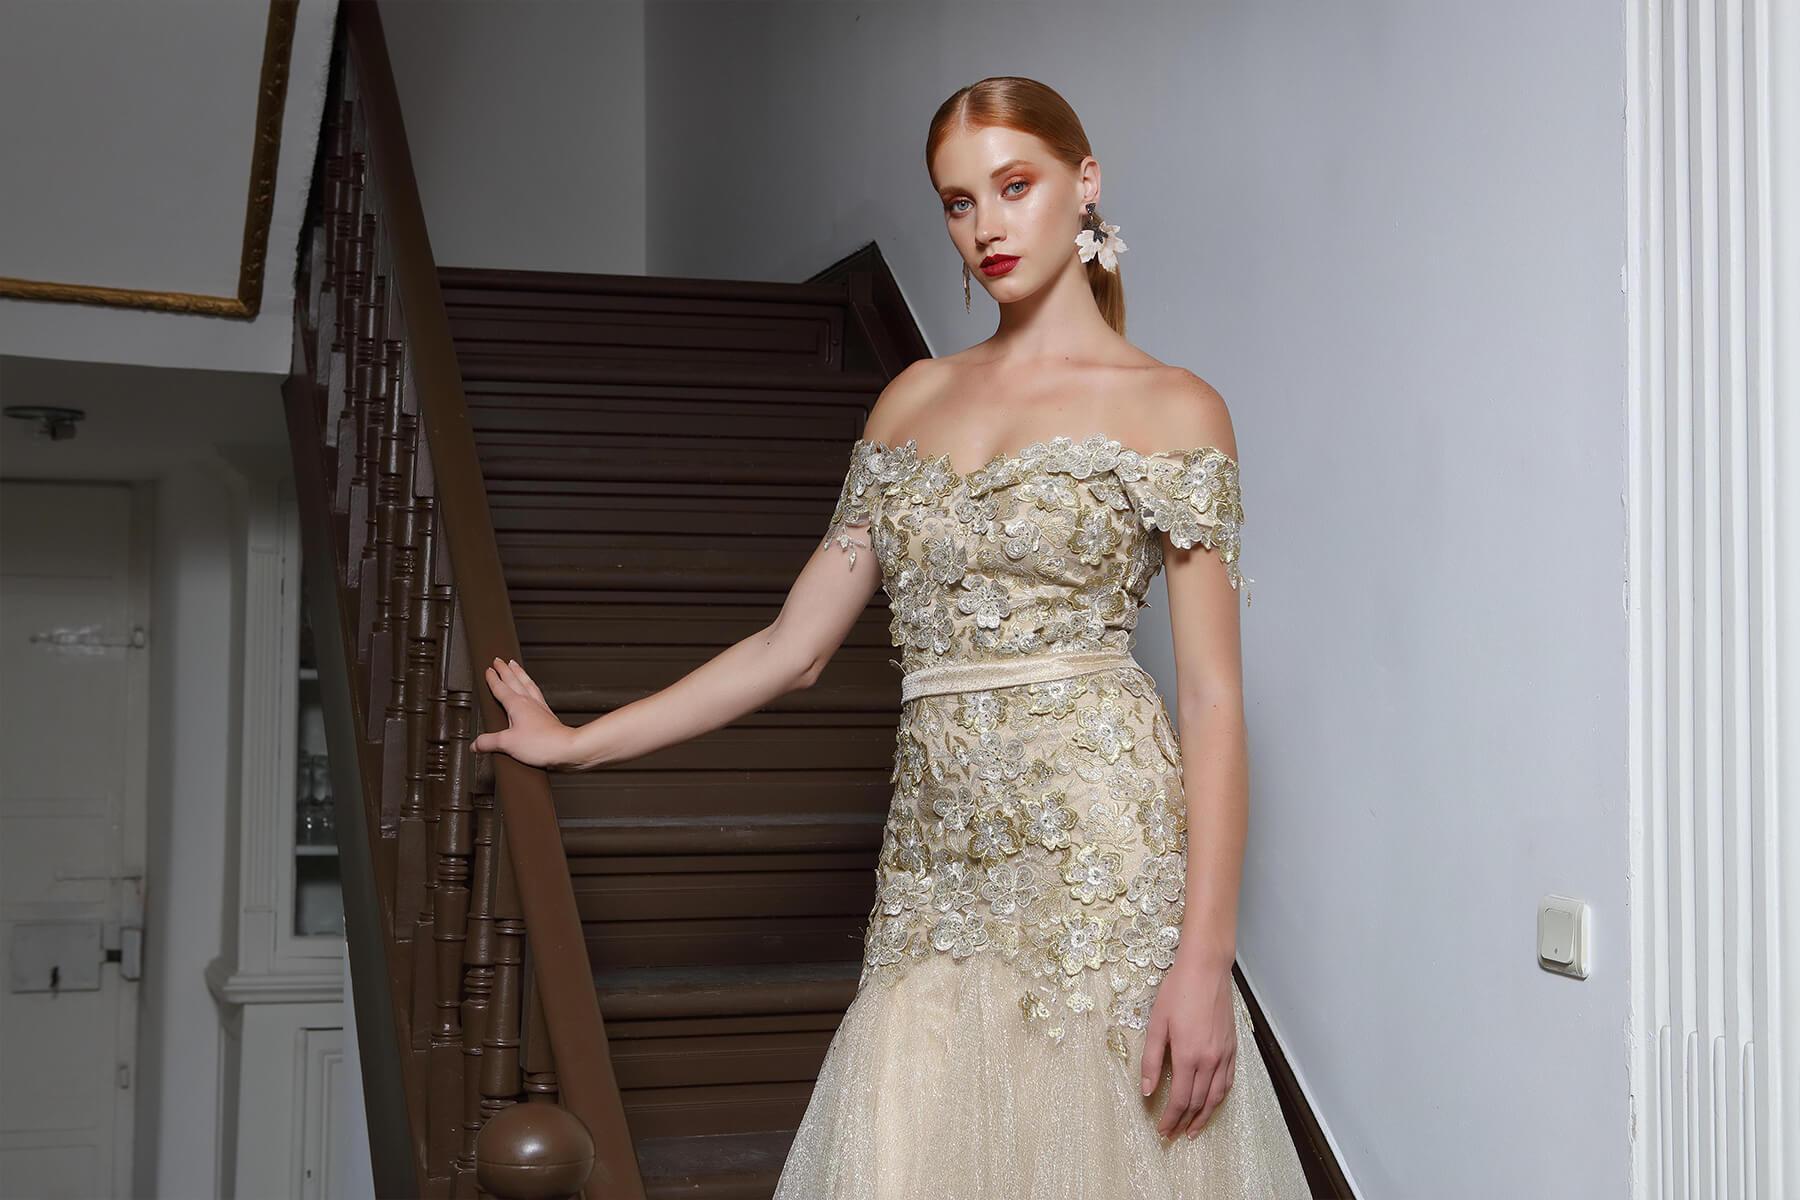 Formal Einfach Abendkleid Wiesbaden Ärmel17 Einzigartig Abendkleid Wiesbaden Bester Preis